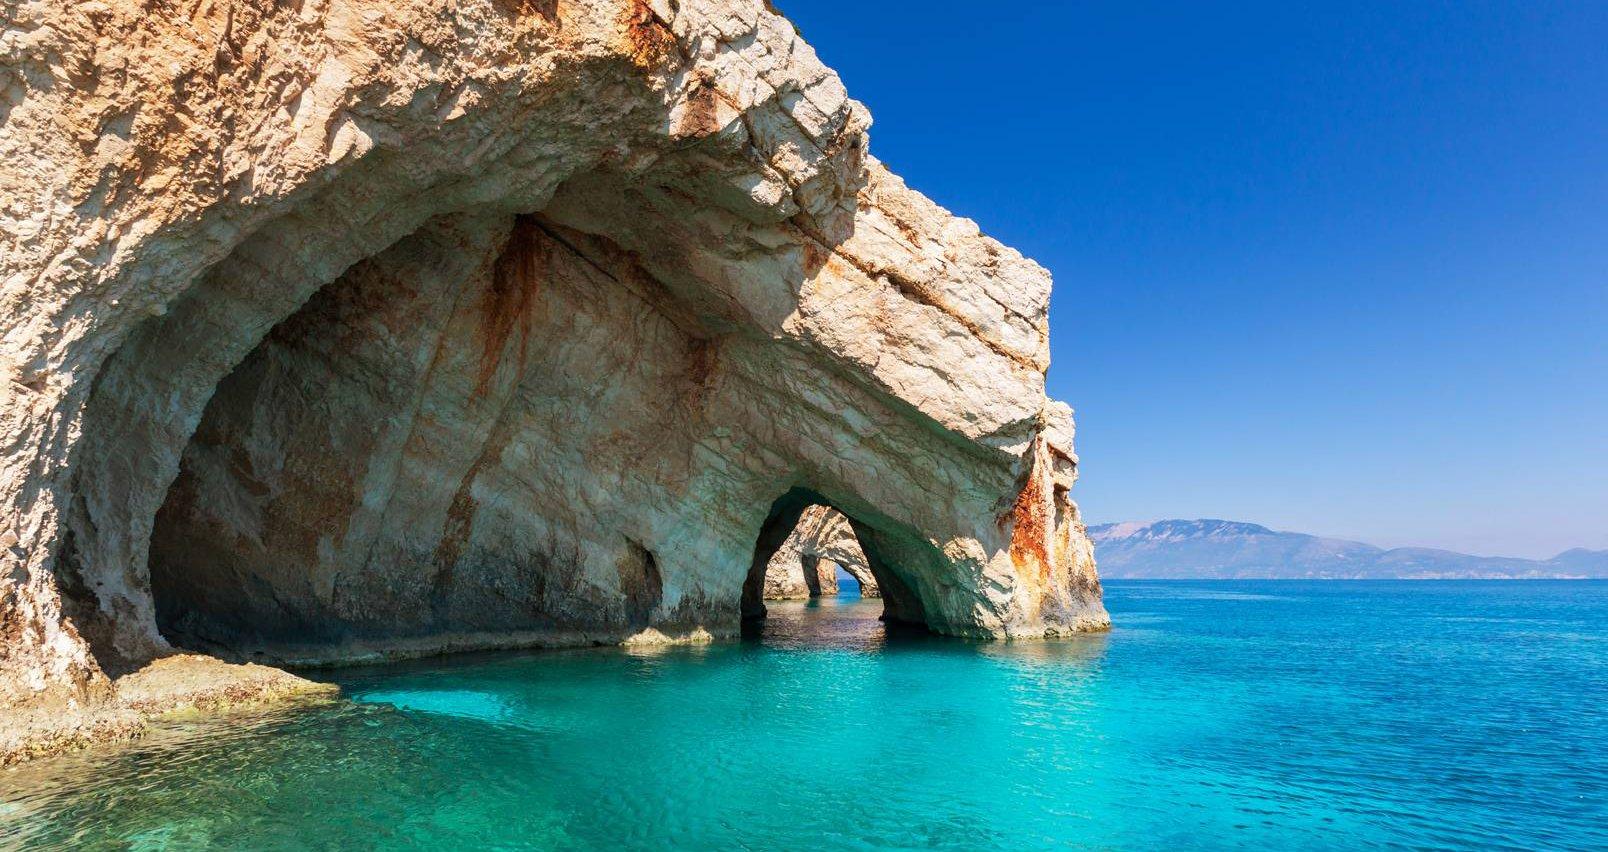 Οι Γαλάζιες Σπηλιές στη Ζάκυνθο